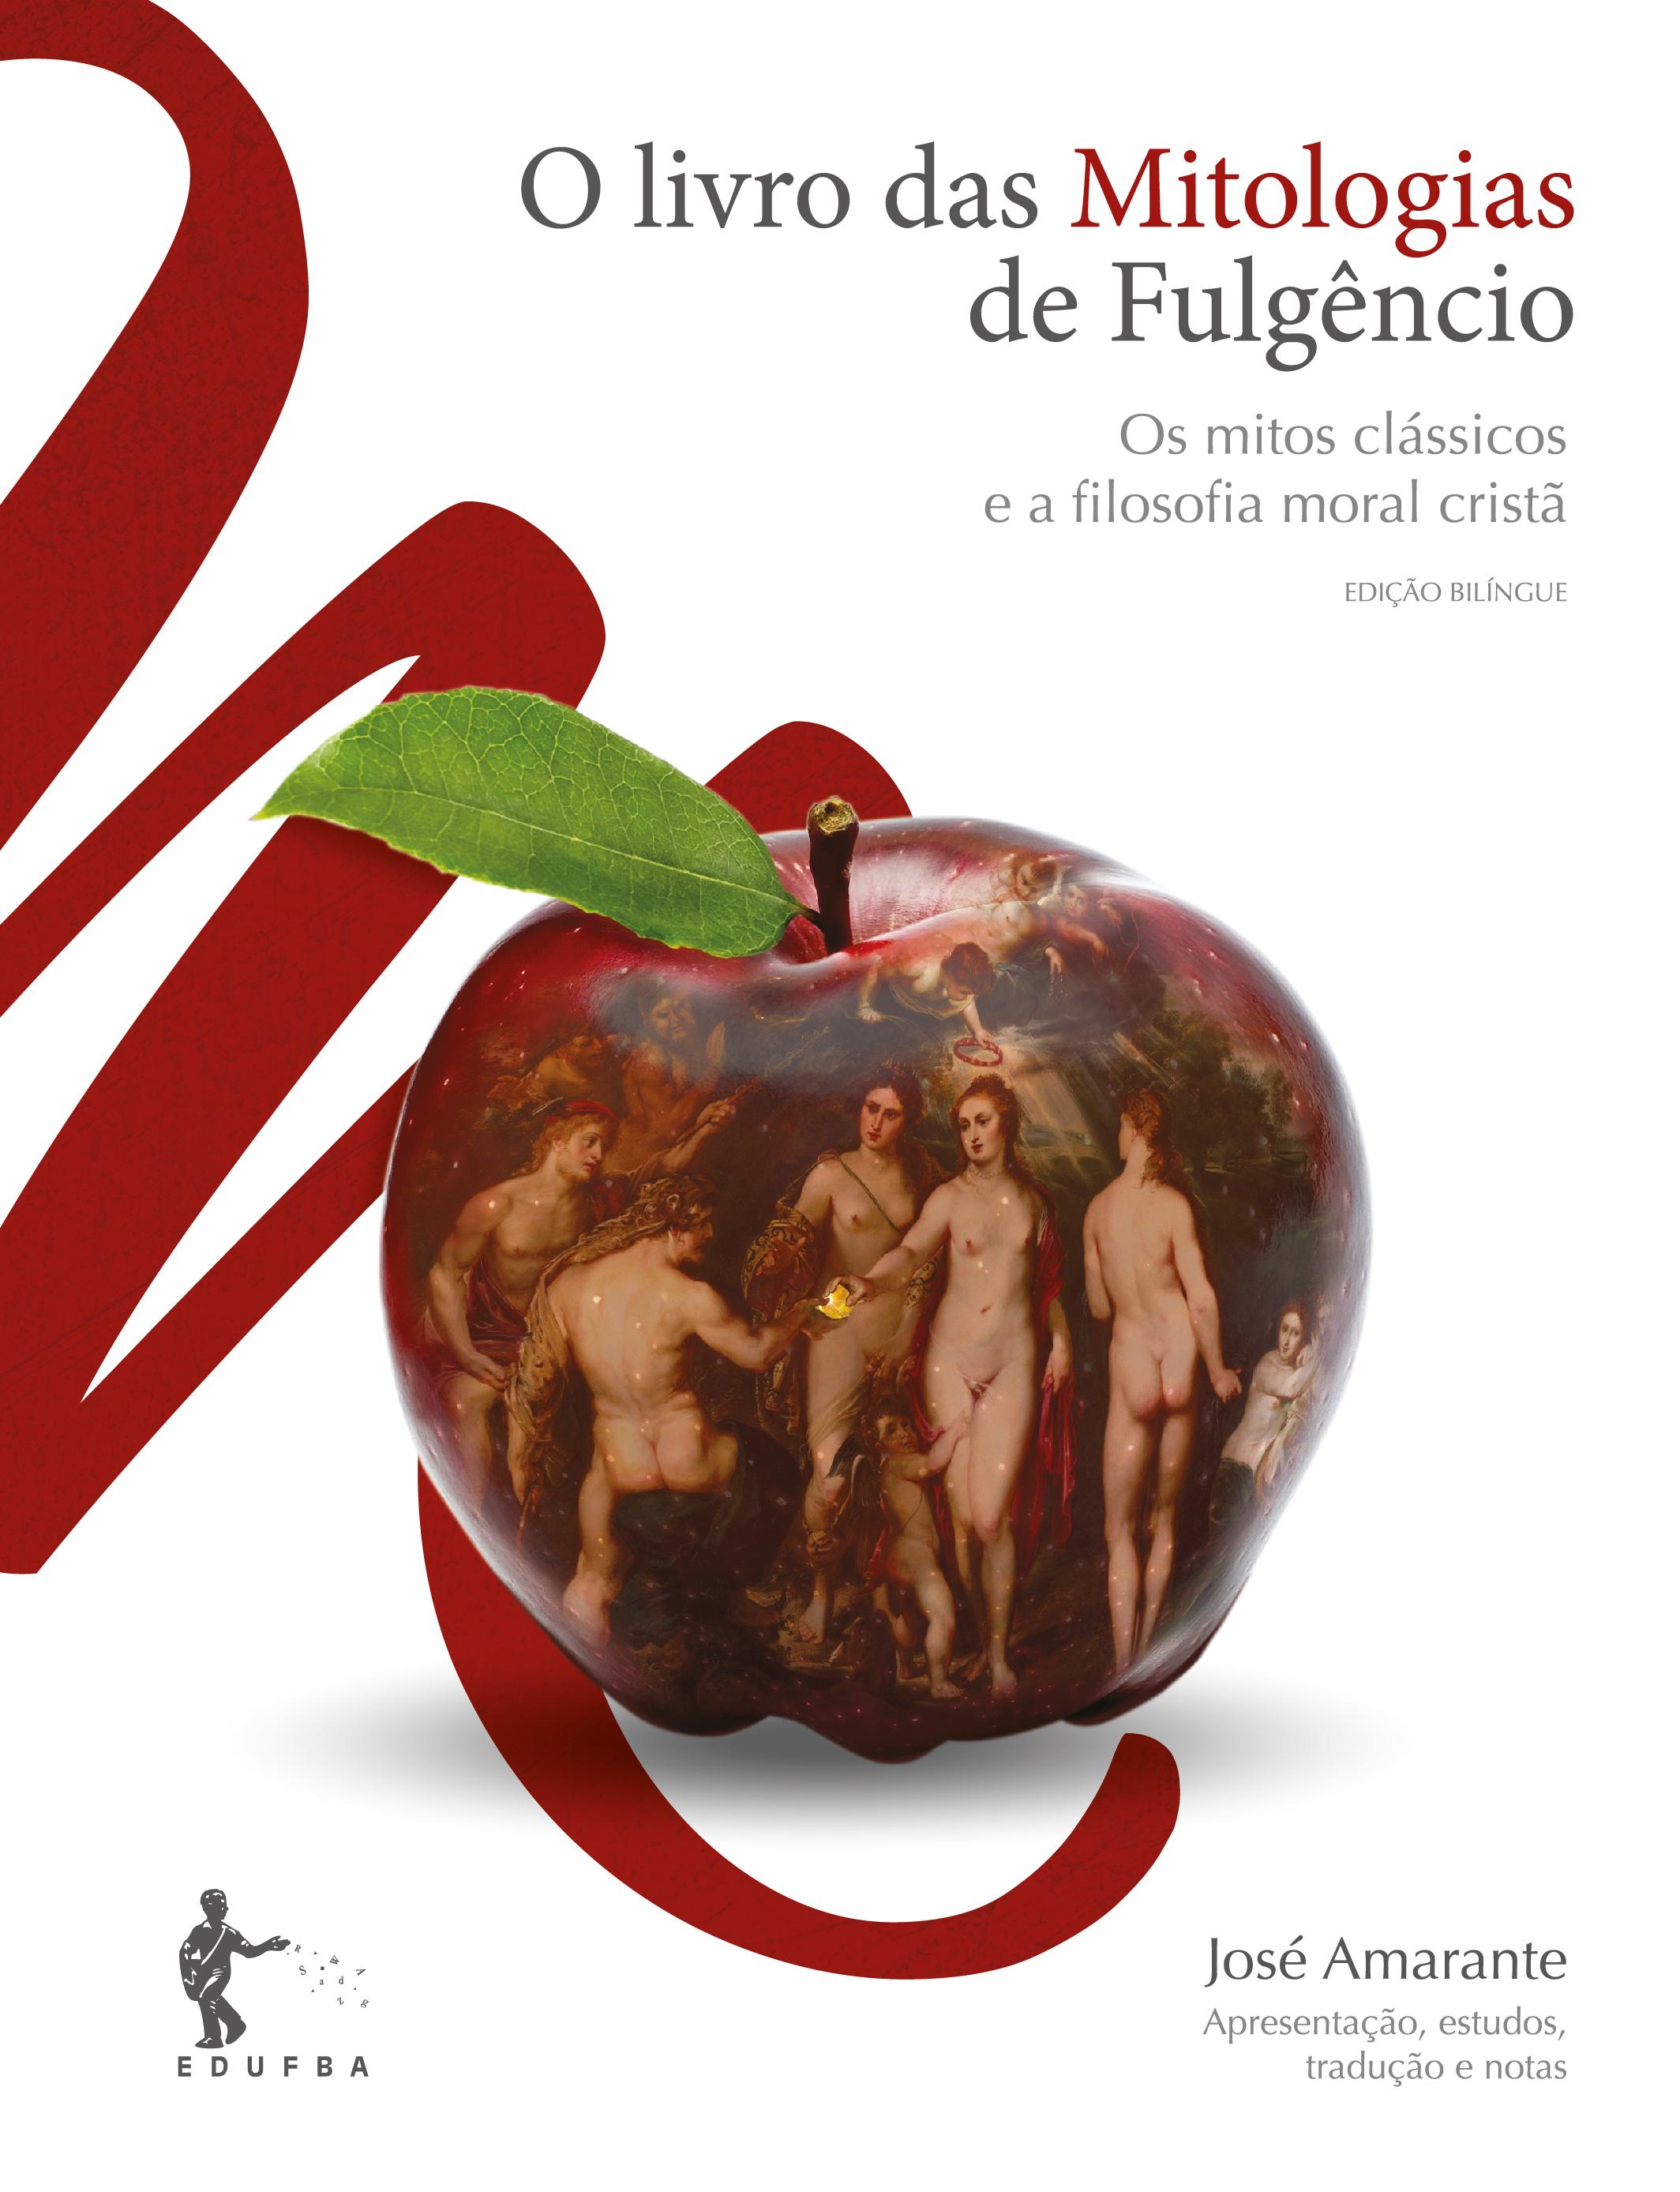 O livro das Mitologias de Fulgêncio: os mitos clássicos e a filosofia moral cristã, livro de José Amarante